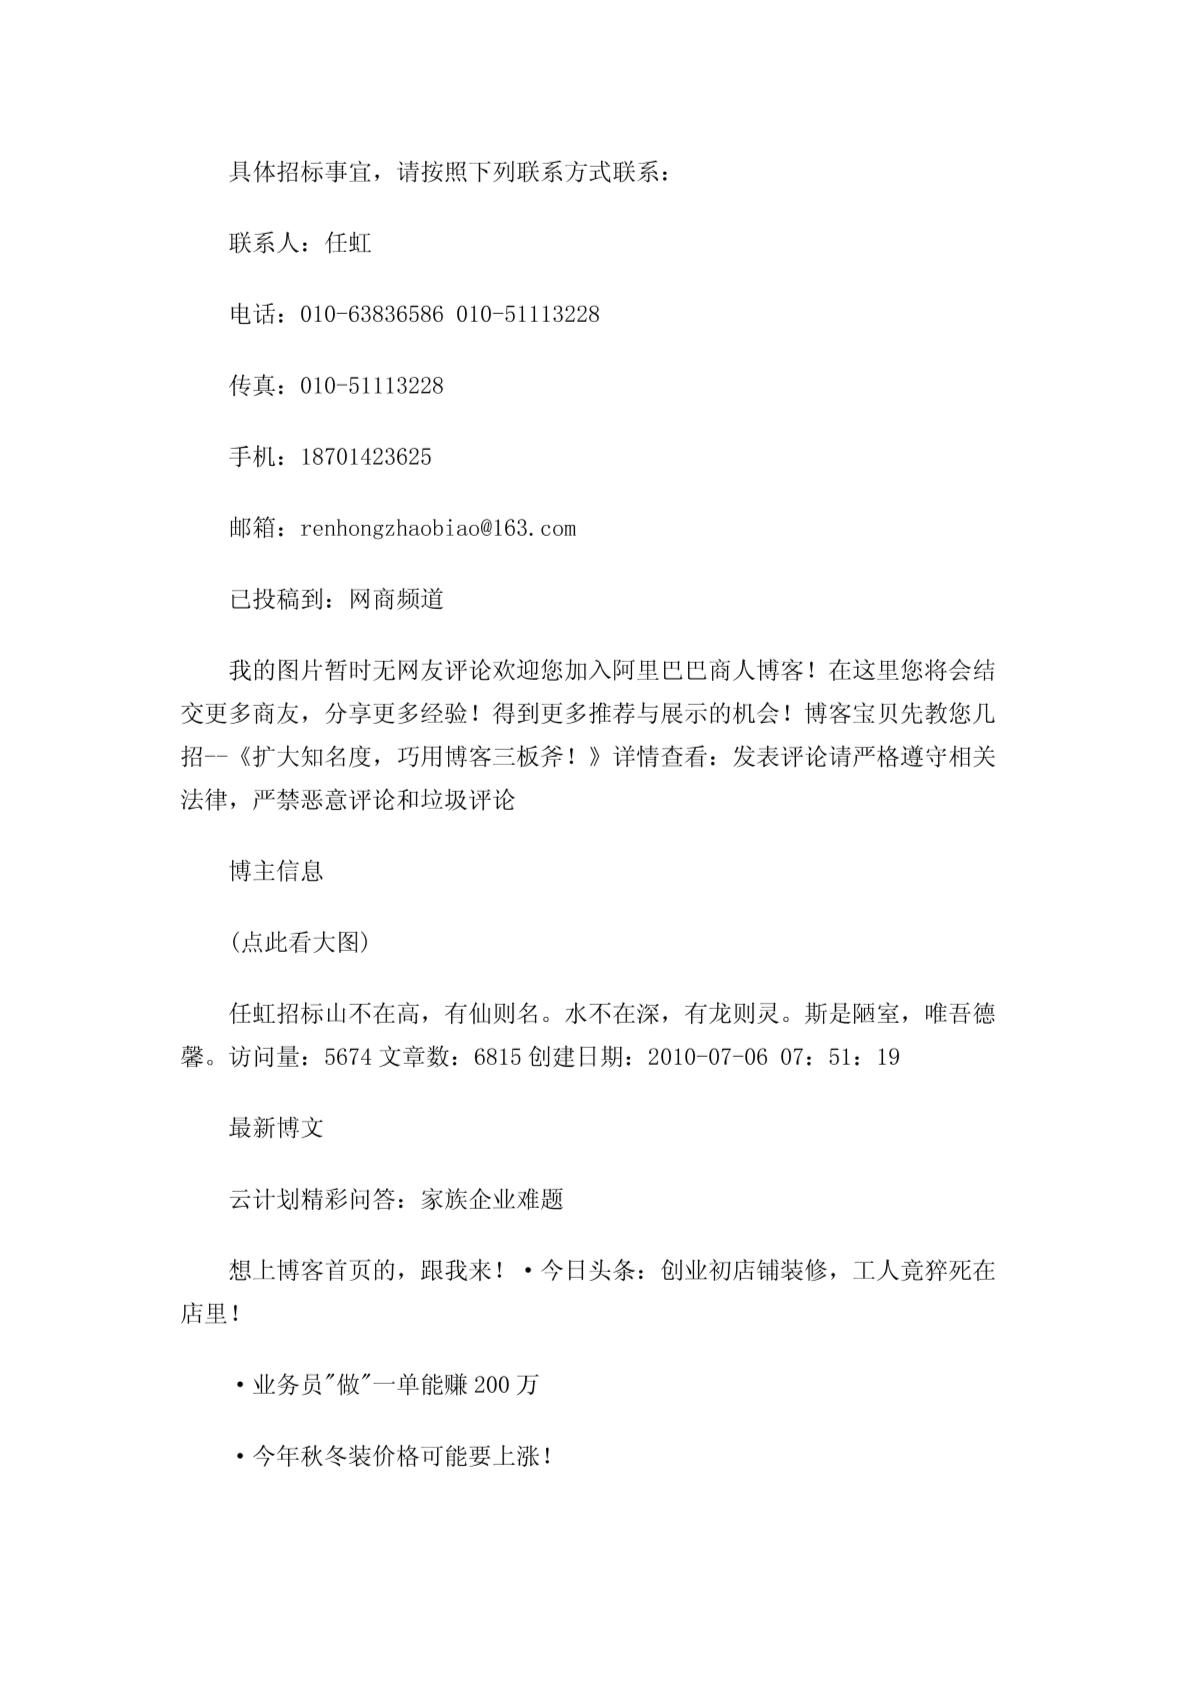 天津市2010年水土流失重点治理工程勘察设计招标公告-图二